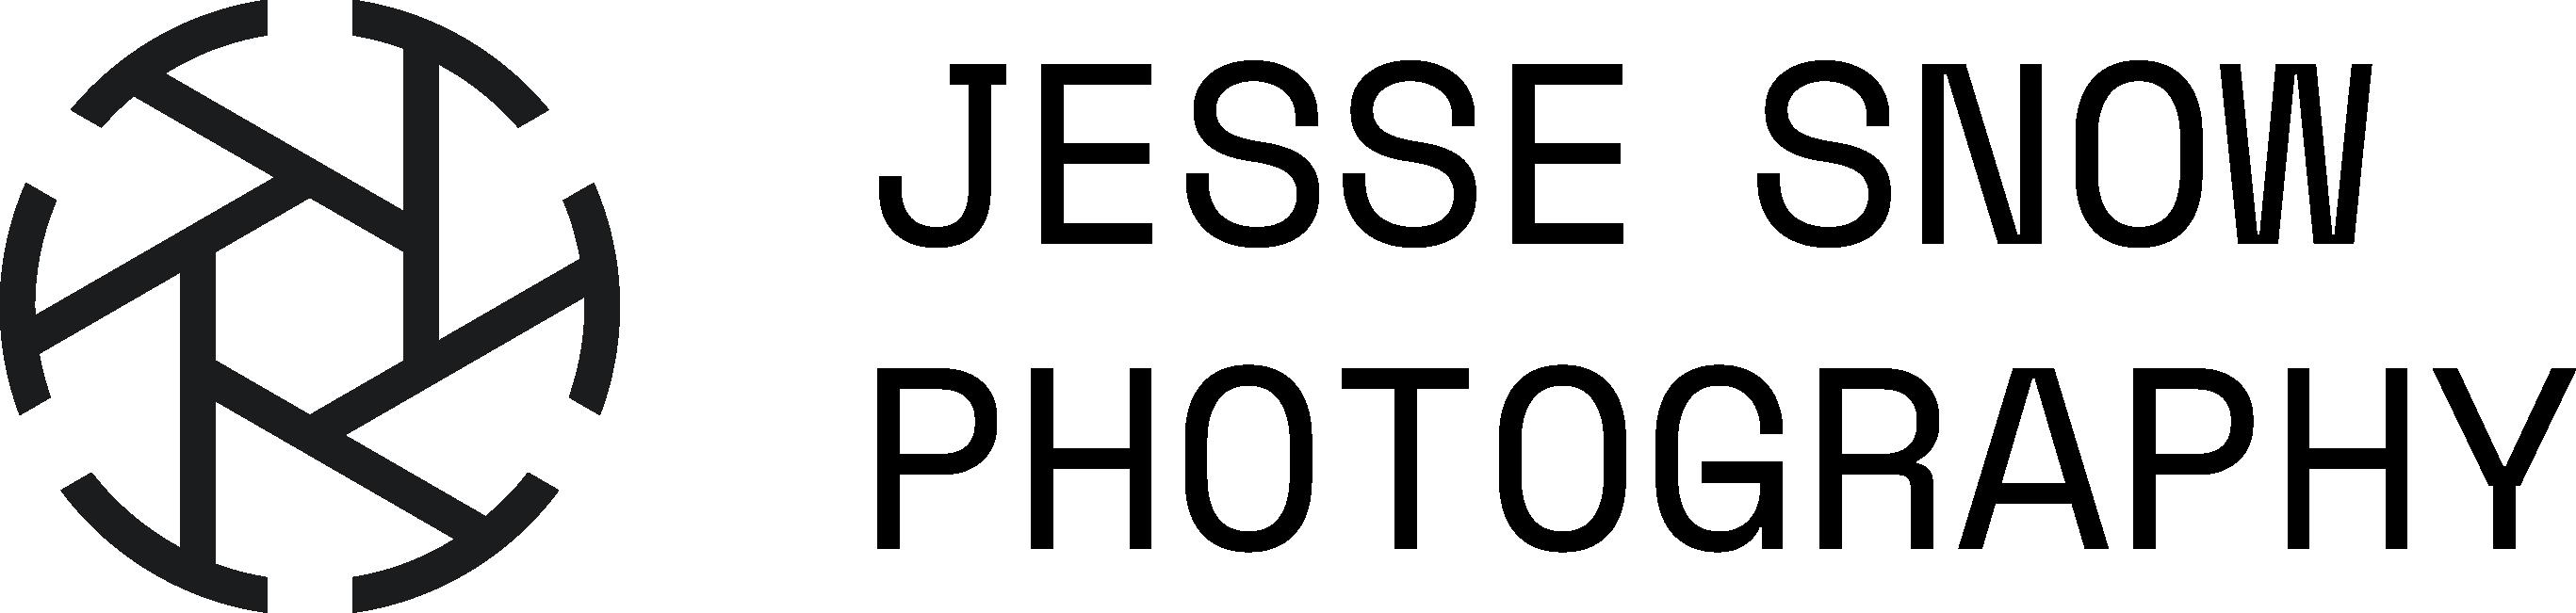 Jesse Snow